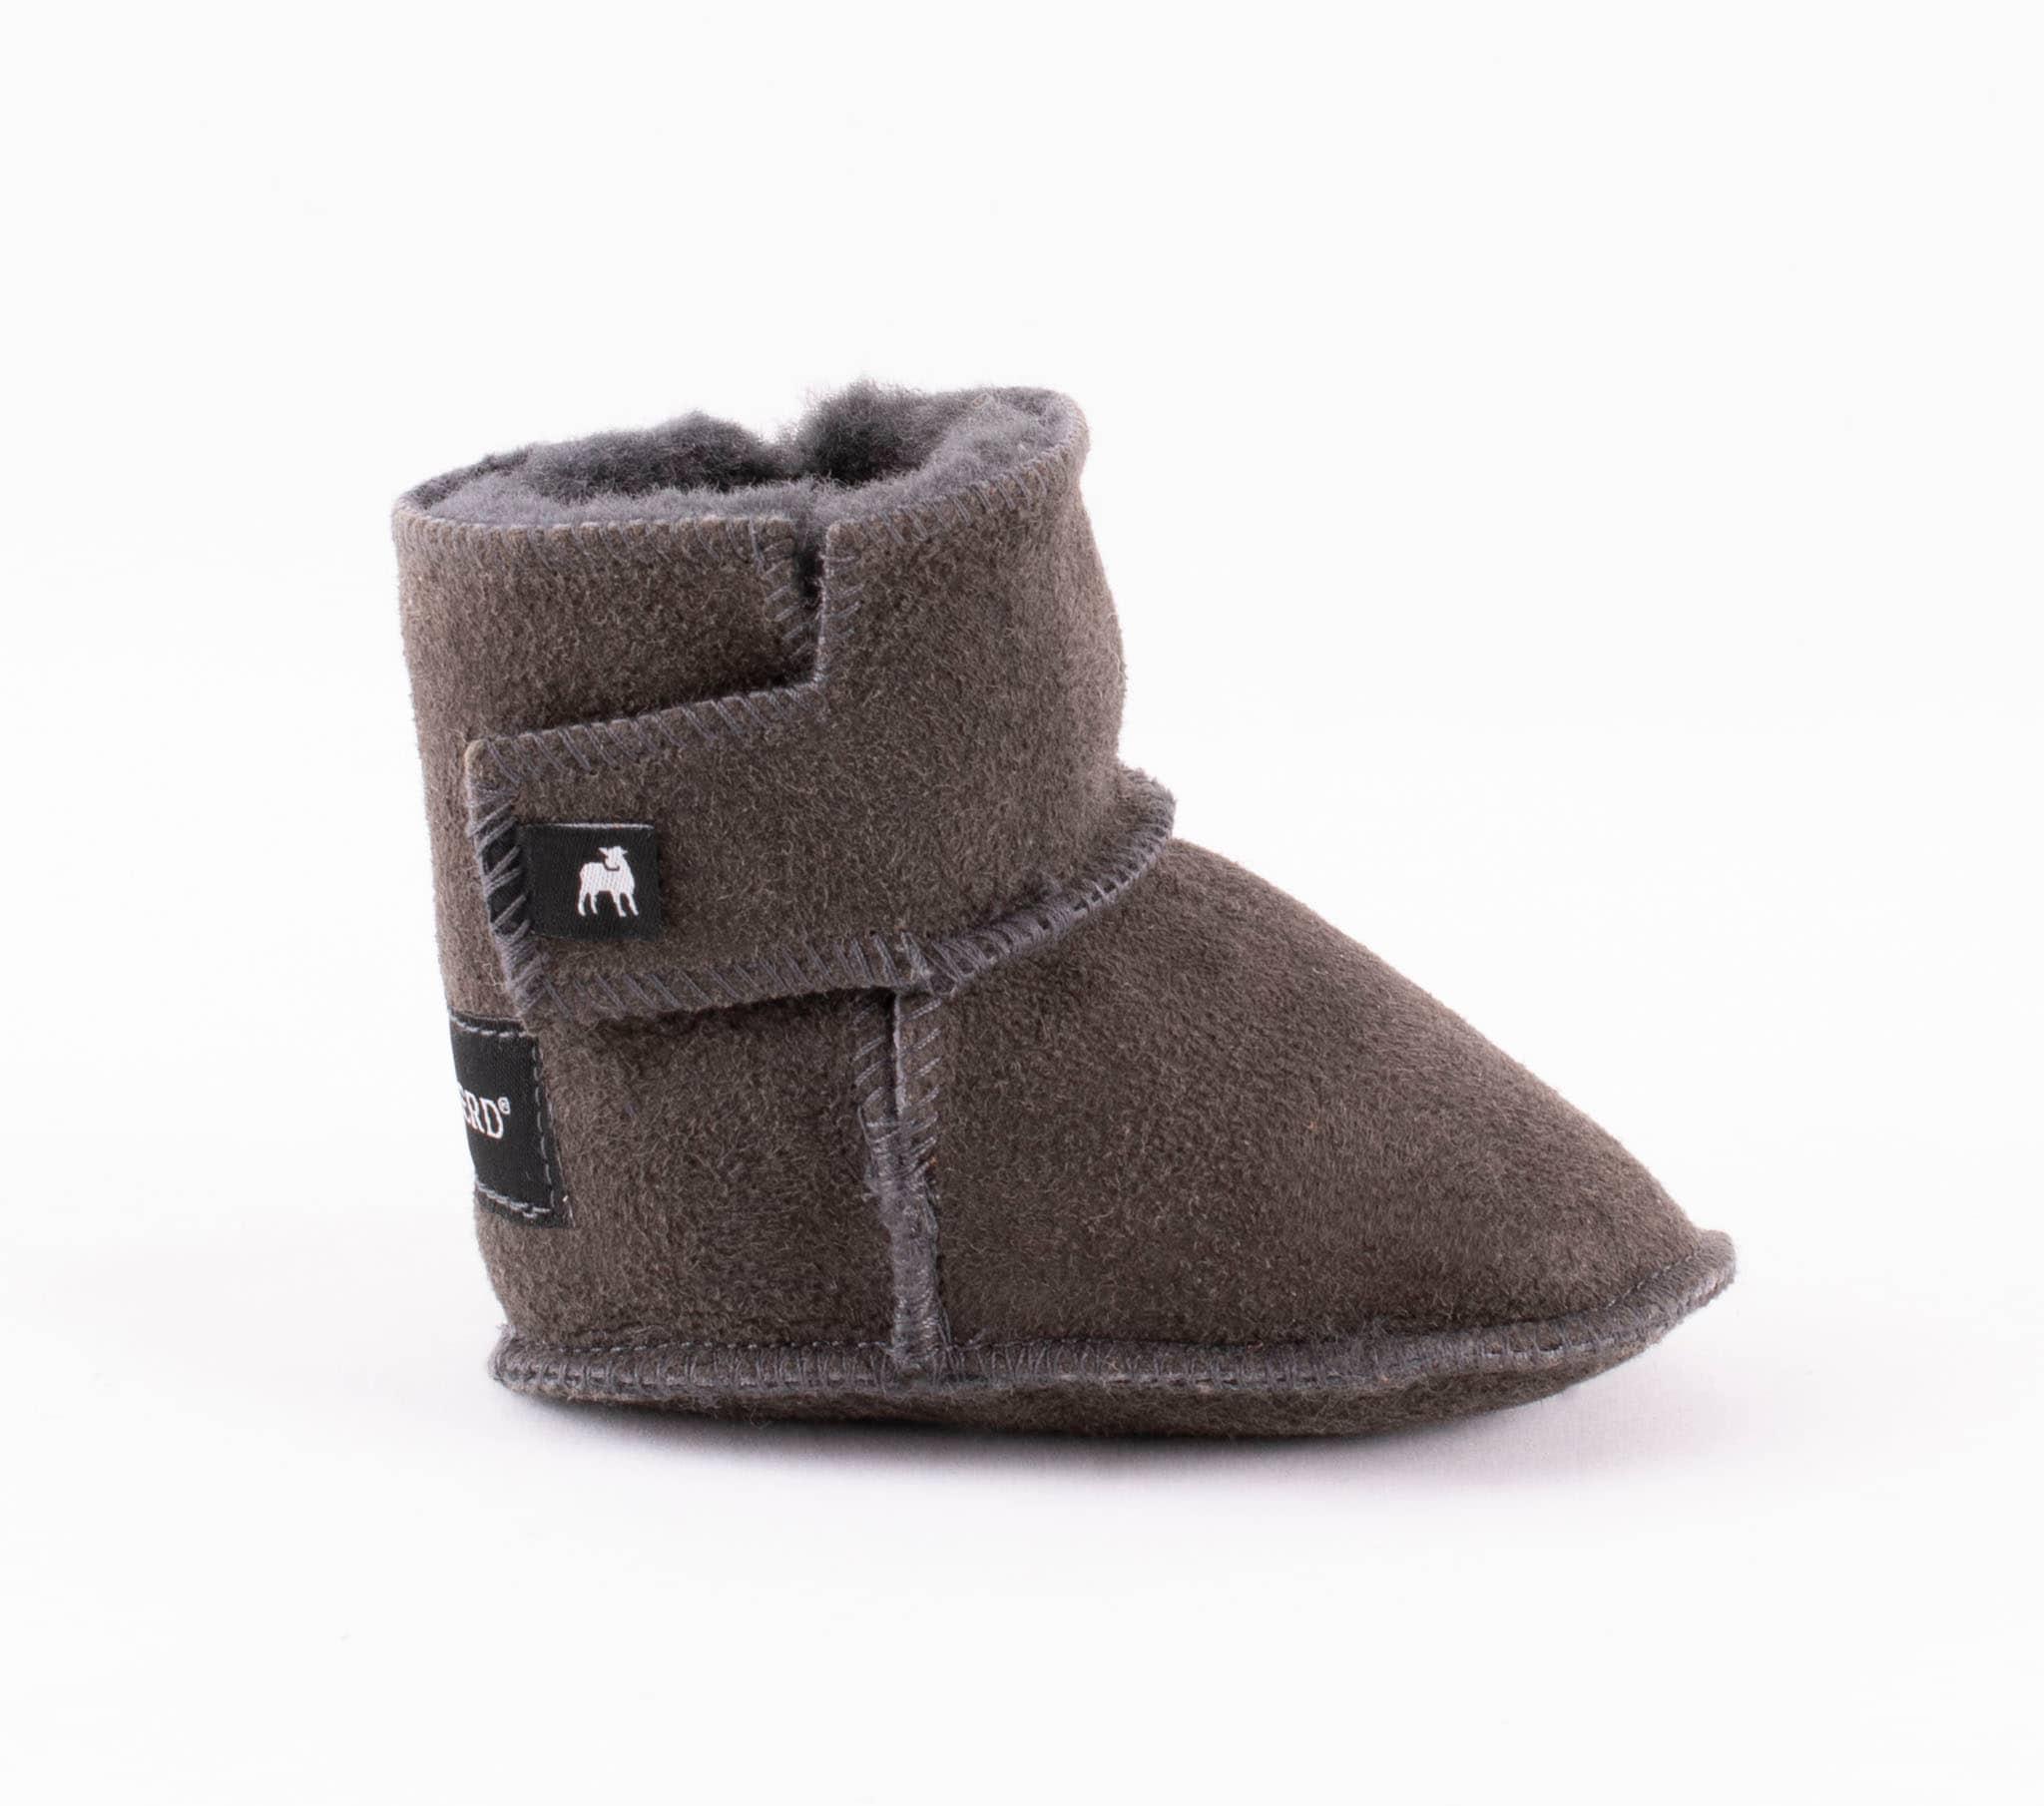 Shepherd Borås slippers